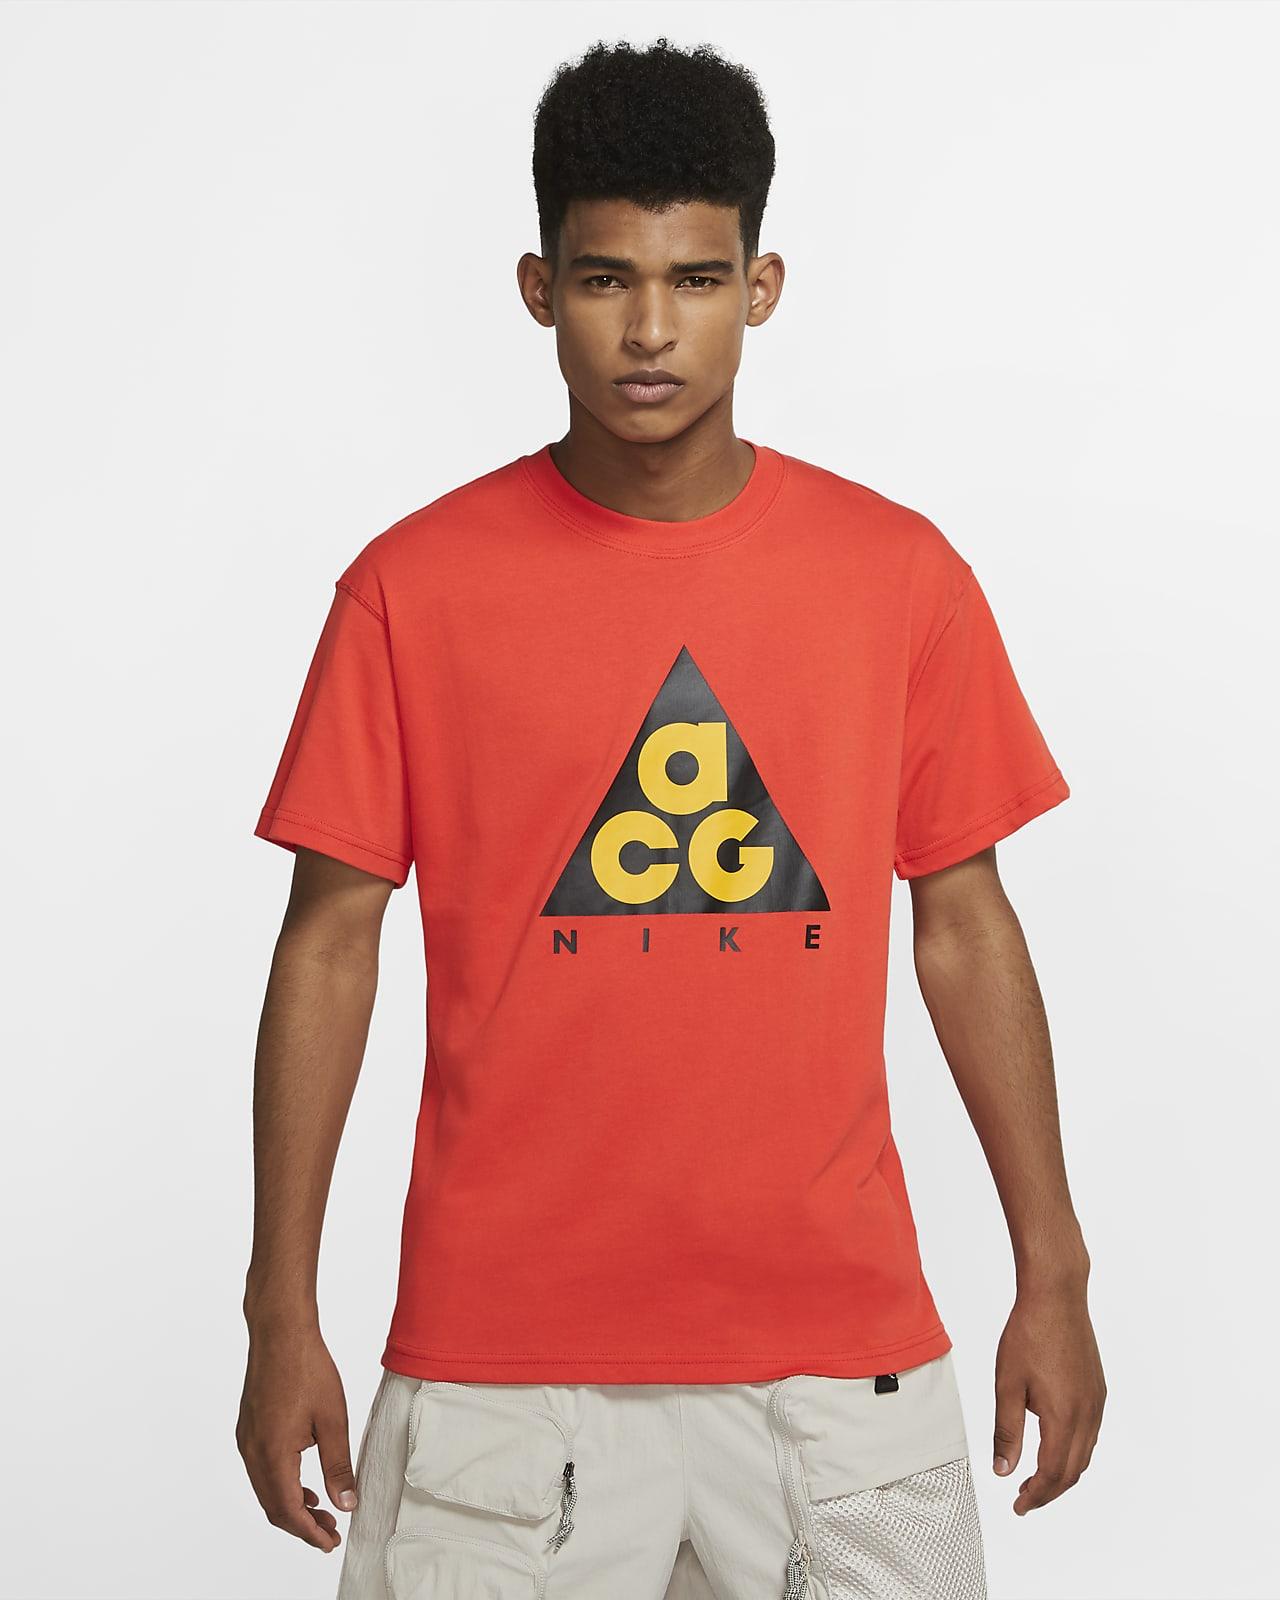 เสื้อยืดผู้ชายมีกราฟิก Nike ACG